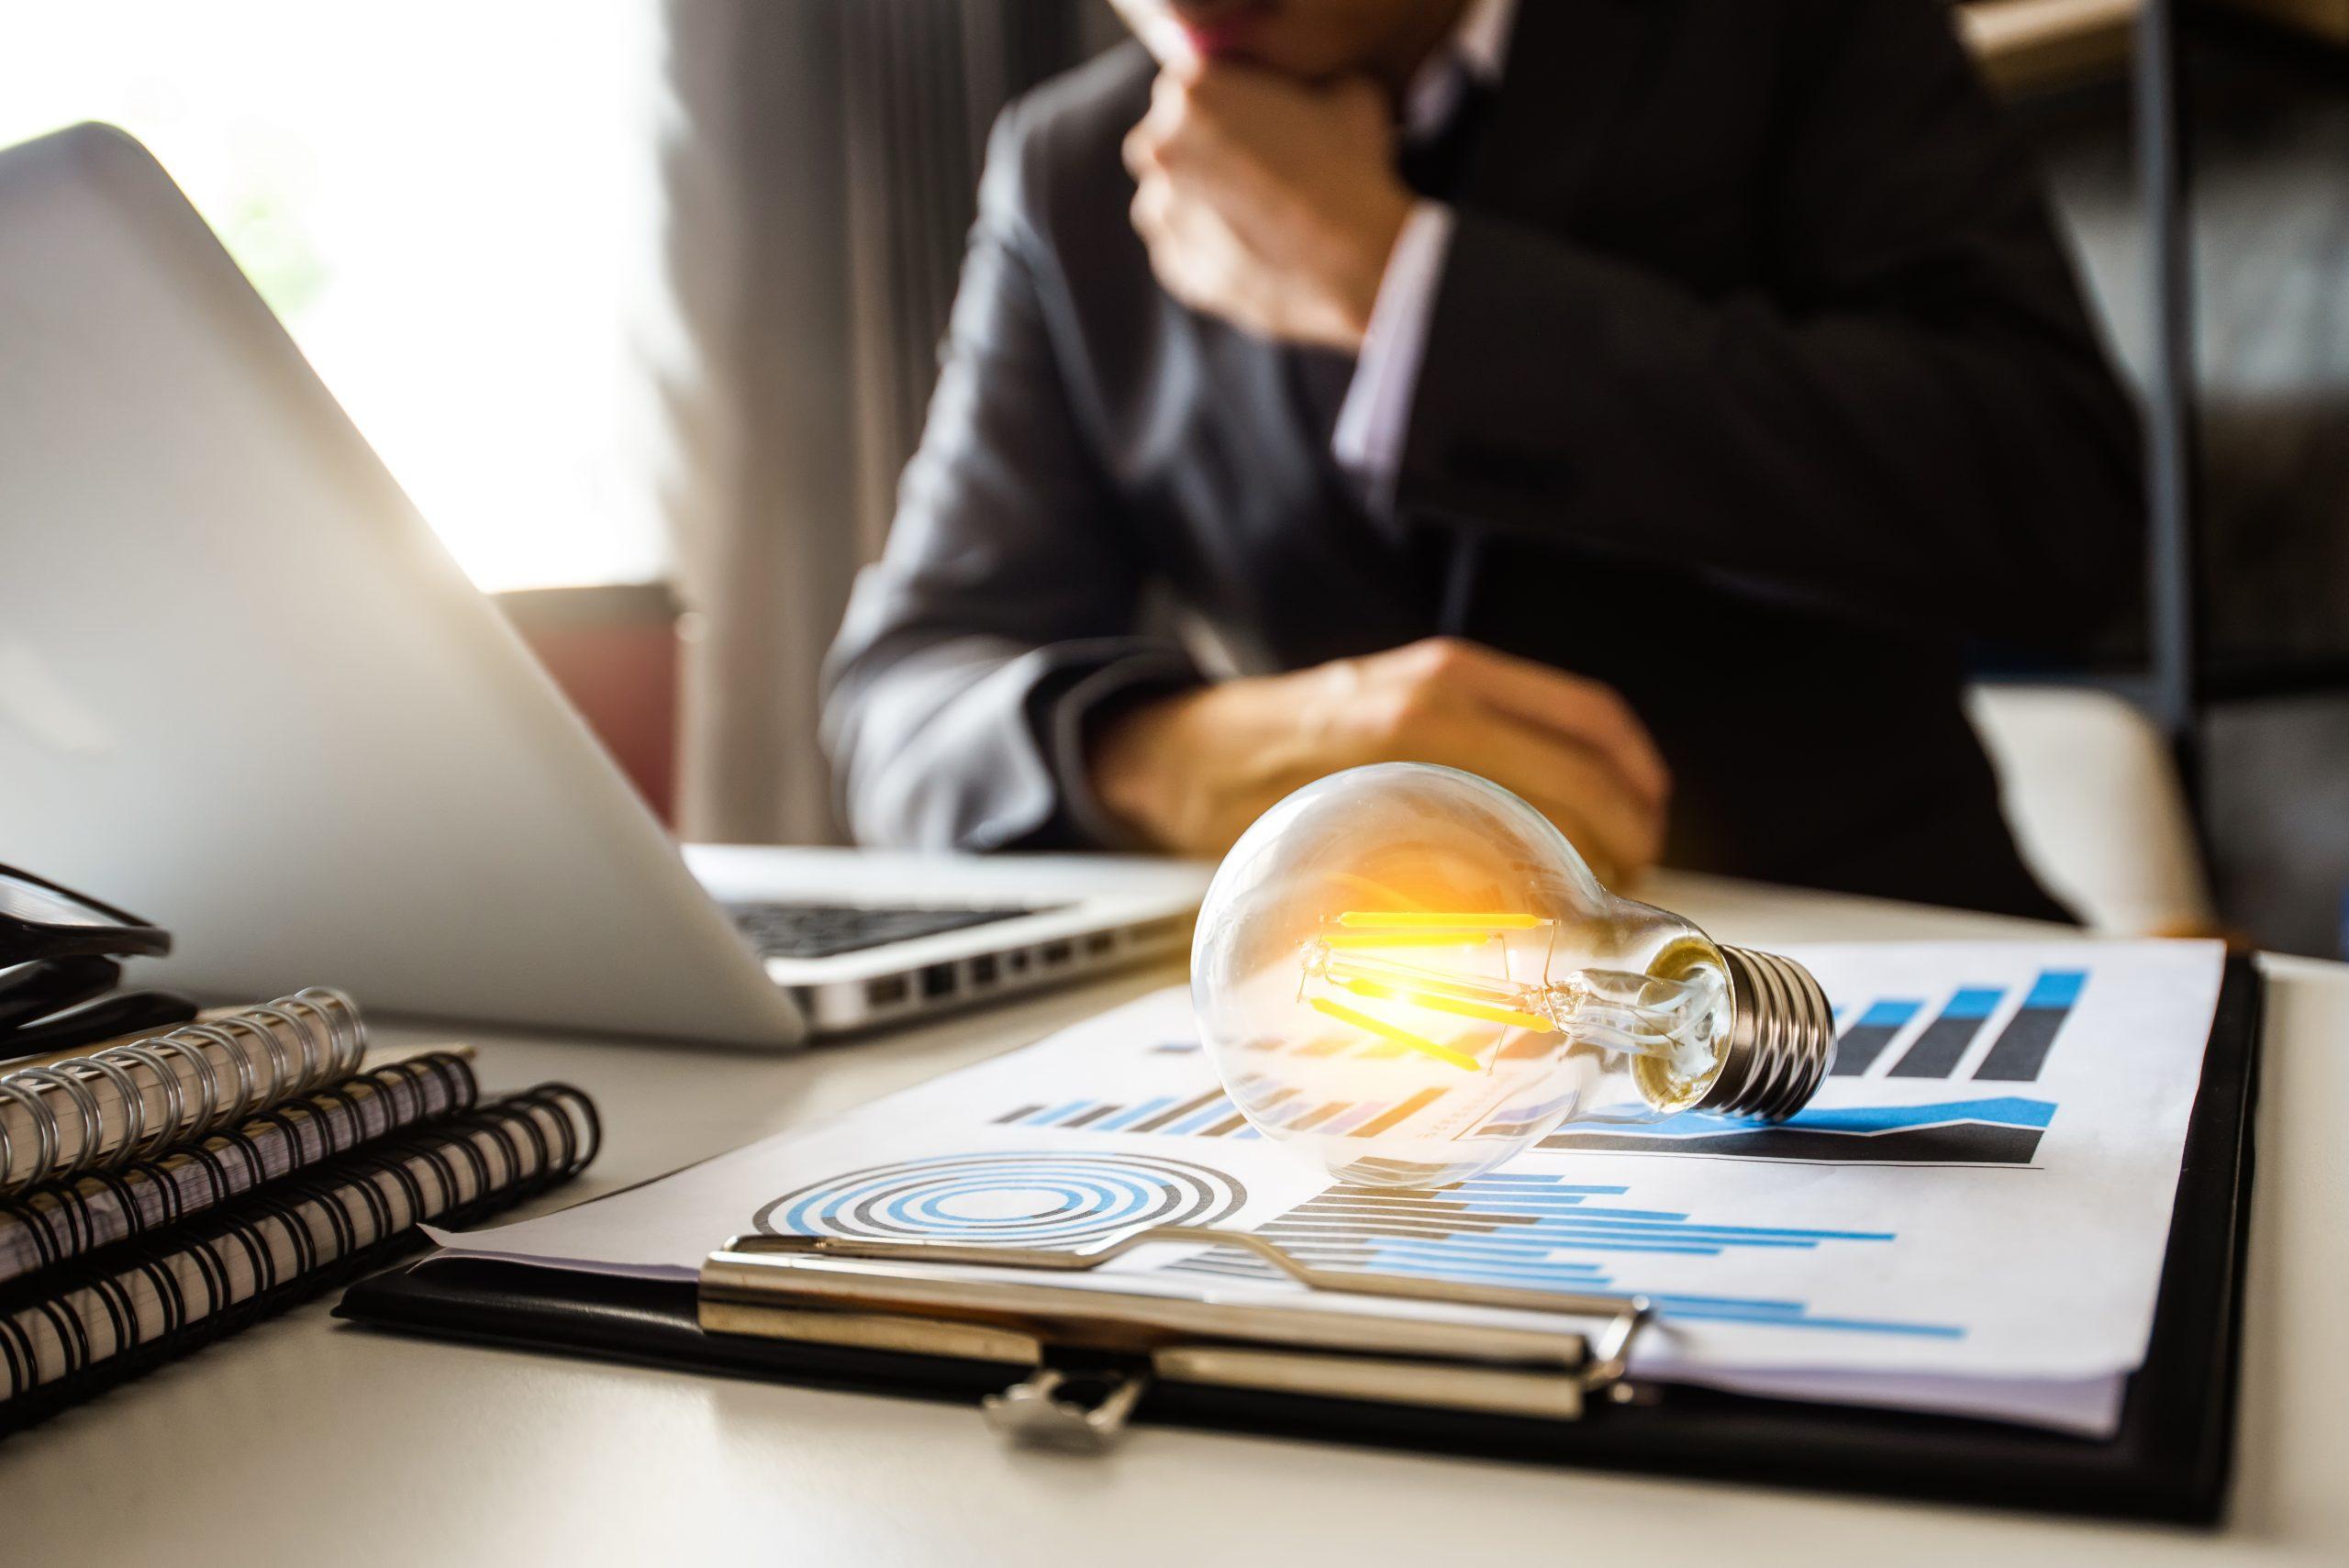 【緊急セミナー】事業再構築補助金傾向と対策特別セミナー